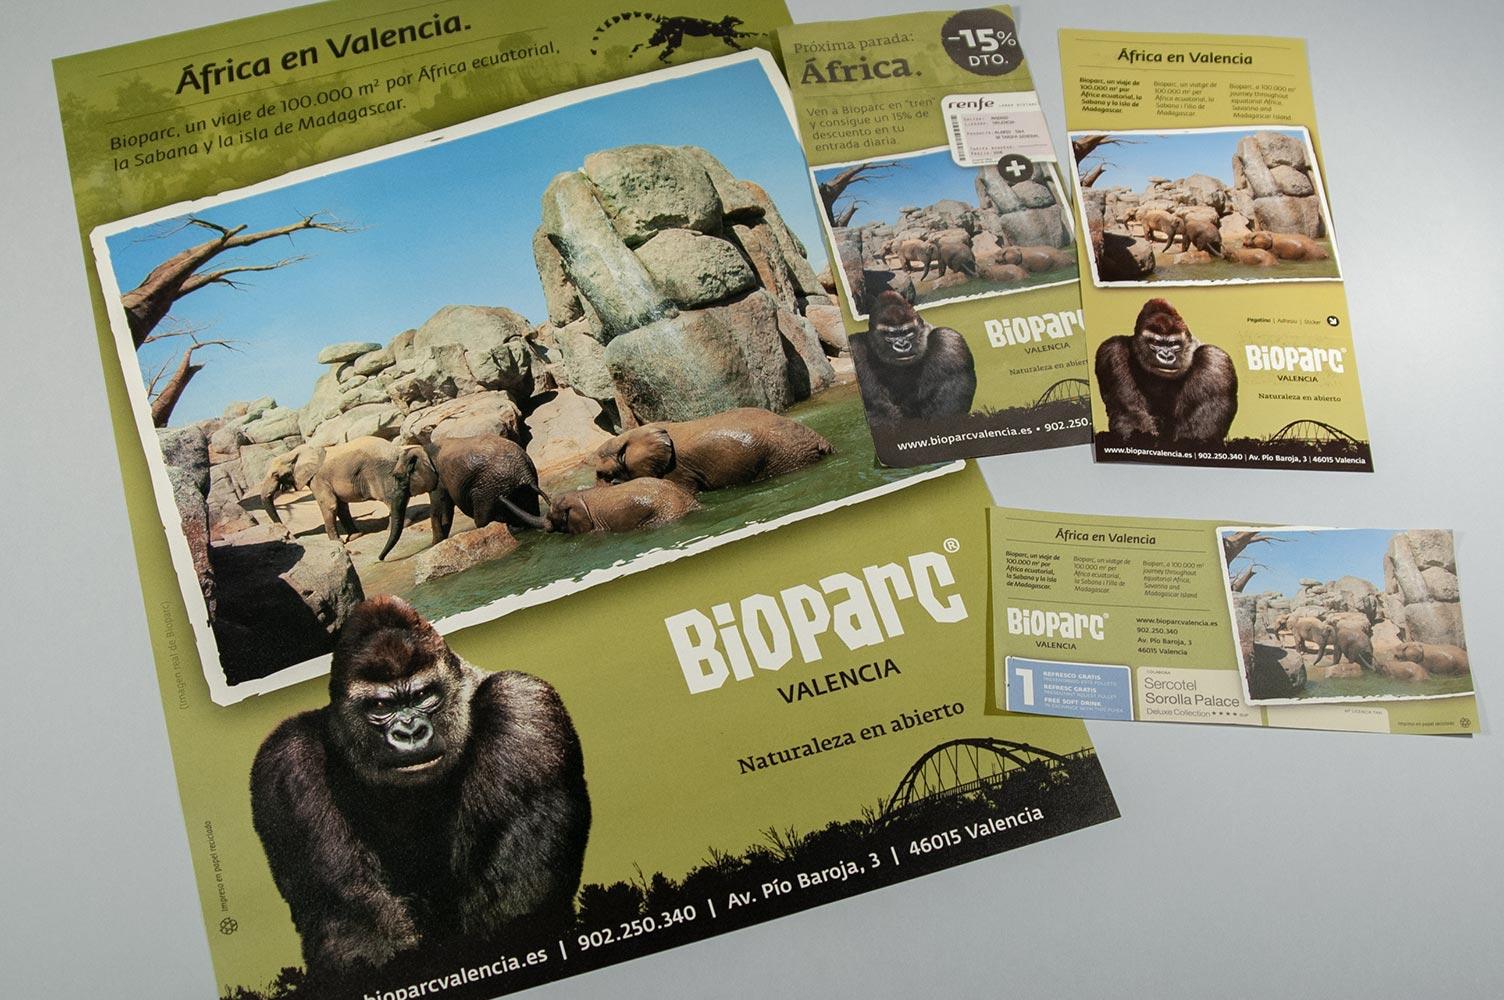 Comunicación anual para Bioparc Valencia en 2009